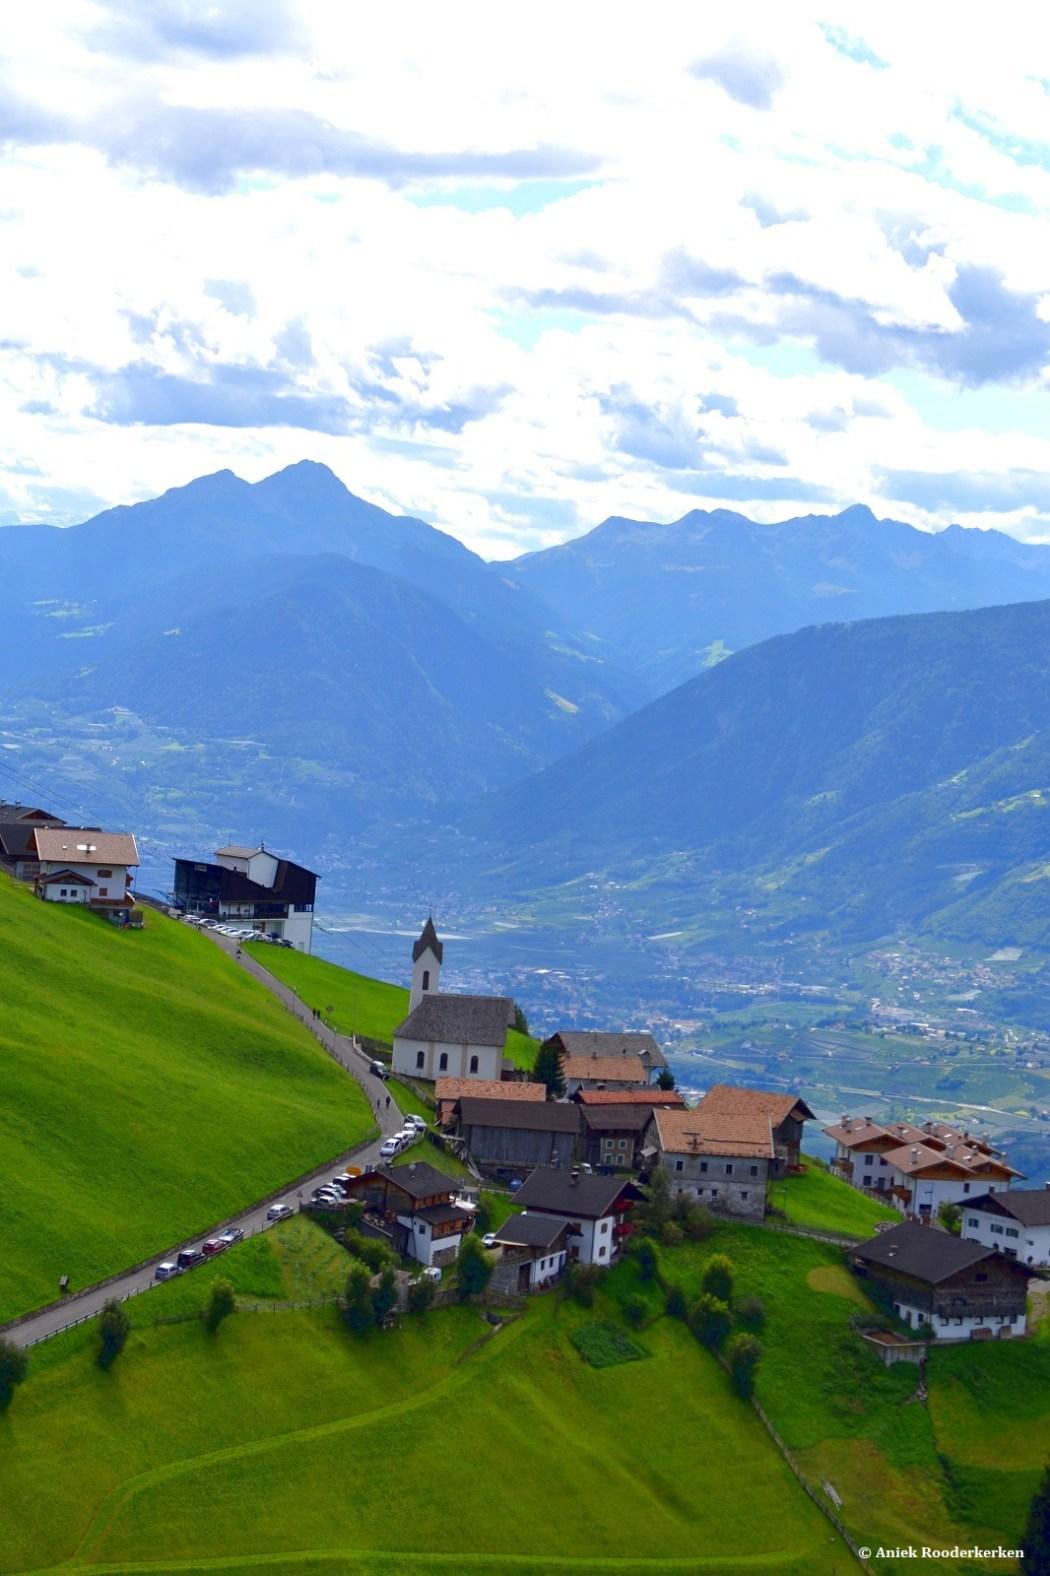 Het dorpje Schenna, waar je met de kabelbaan naartoe kan gaan en waar je prachtige wandelingen kan maken